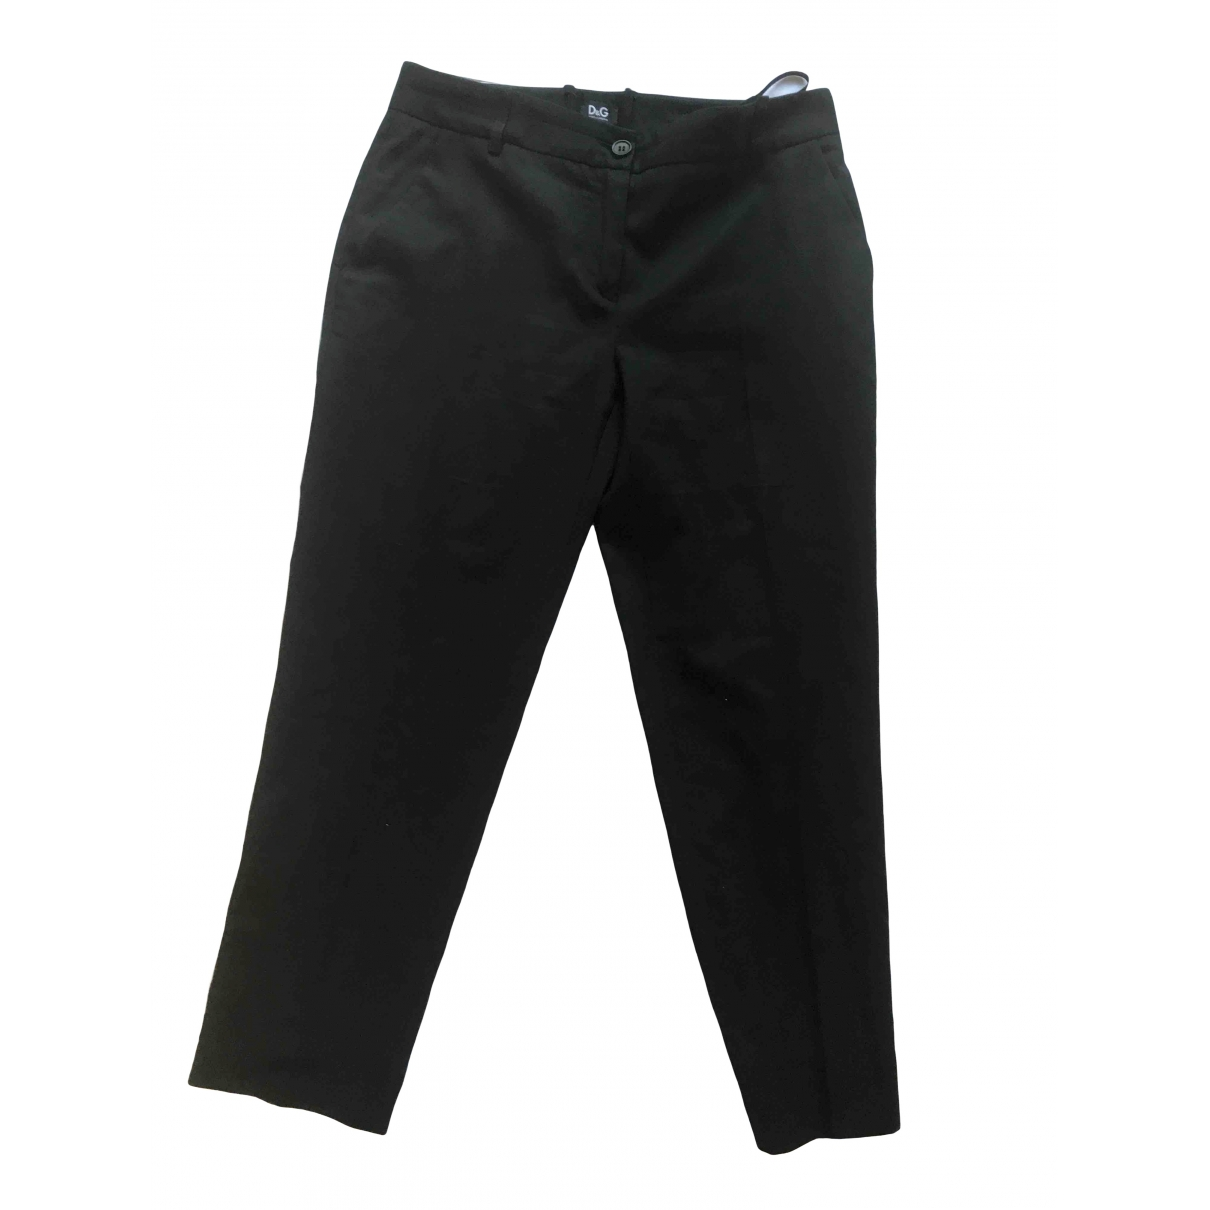 Pantalon recto de Lana D&g